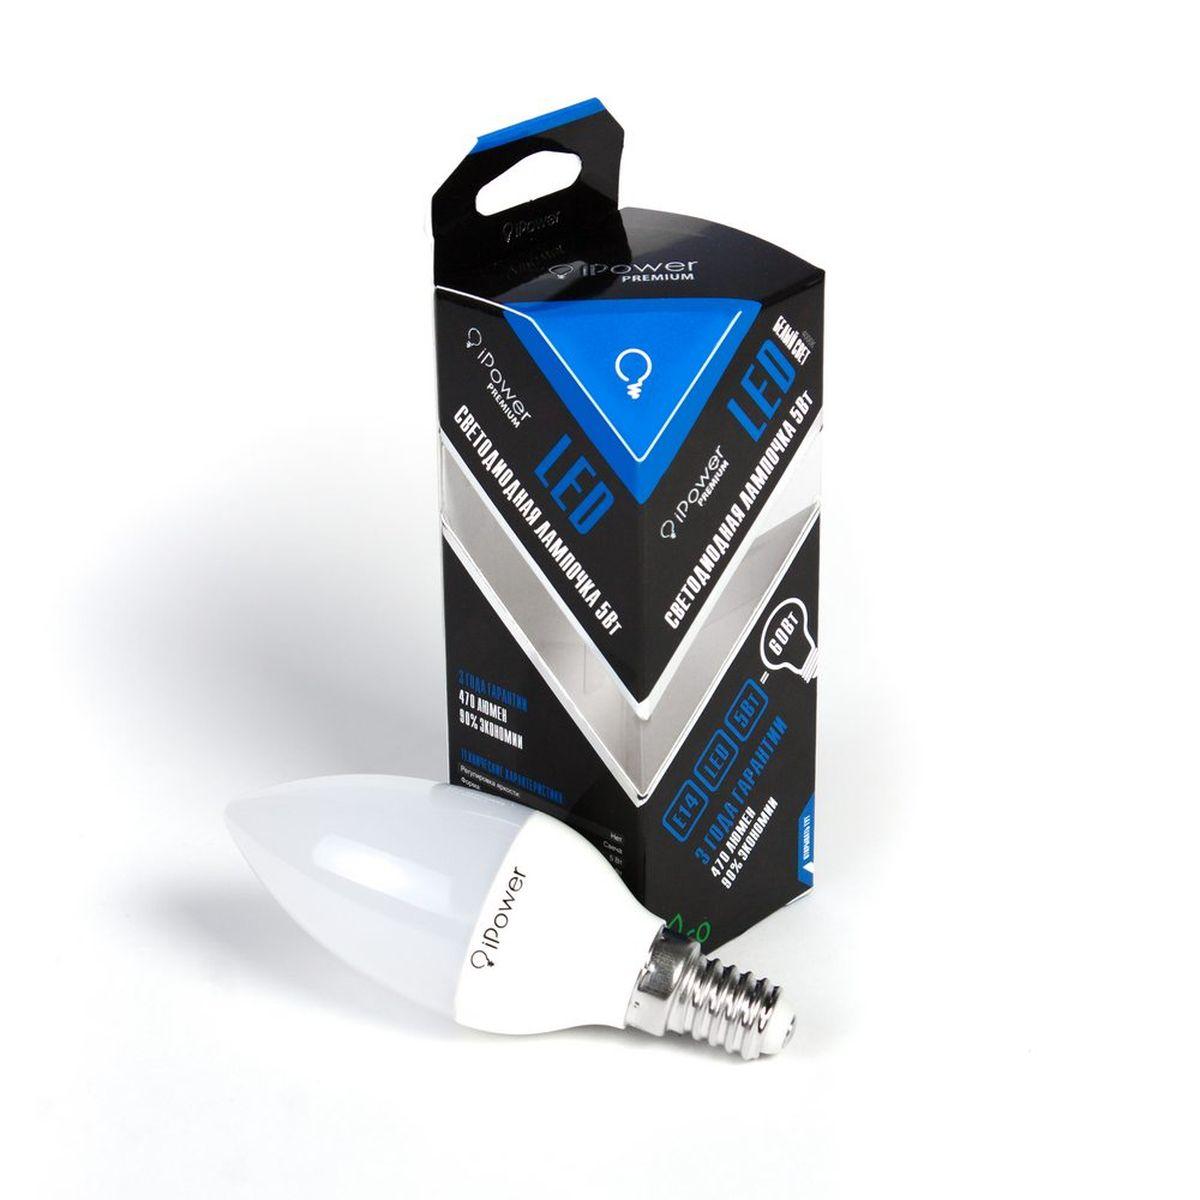 Лампа светодиодная iPower Premium, цоколь Е14, 5W, 4000КC0042416Светодиодная лампа iPower Premium имеет очень низкое энергопотребление. В сравнении с лампами накаливания LED потребляет в 12 разменьше электричества, а в сравнении с энергосберегающими - в 2-4 раза меньше. При этом срок службы LED лампочки в 5 раз выше, чемэнергосберегающей, и в 50 раз выше, чем у лампы накаливания. Светодиодная лампа iPower Premium создает мягкий рассеивающий свет безмерцаний, что совершенно безопасно для глаз. Она специально разработана по требованиям российских и европейских законов и подходит ковсем осветительным устройствам, совместимым со стандартным цоколем E27. Использование светодиодов от мирового лидера Epistar - этозалог надежной и стабильной работы лампы. Нейтральный белый оттенок свечения идеально подойдет для освещения, как офисов,образовательных и медицинских учреждений, так и кухни, гостиной.Диапазон рабочих температур: от -50°C до +50°С.Материал: алюминий, поликарбонат.Потребляемая мощность: 5 Вт.Рабочее напряжение: 220В.Световая температура: 4000К (белый свет).Срок службы: 50000 часов.Форма: свеча.Цоколь: миньон (E14).Эквивалент мощности лампы накаливания: 60 Вт.Яркость свечения: 470 Лм.